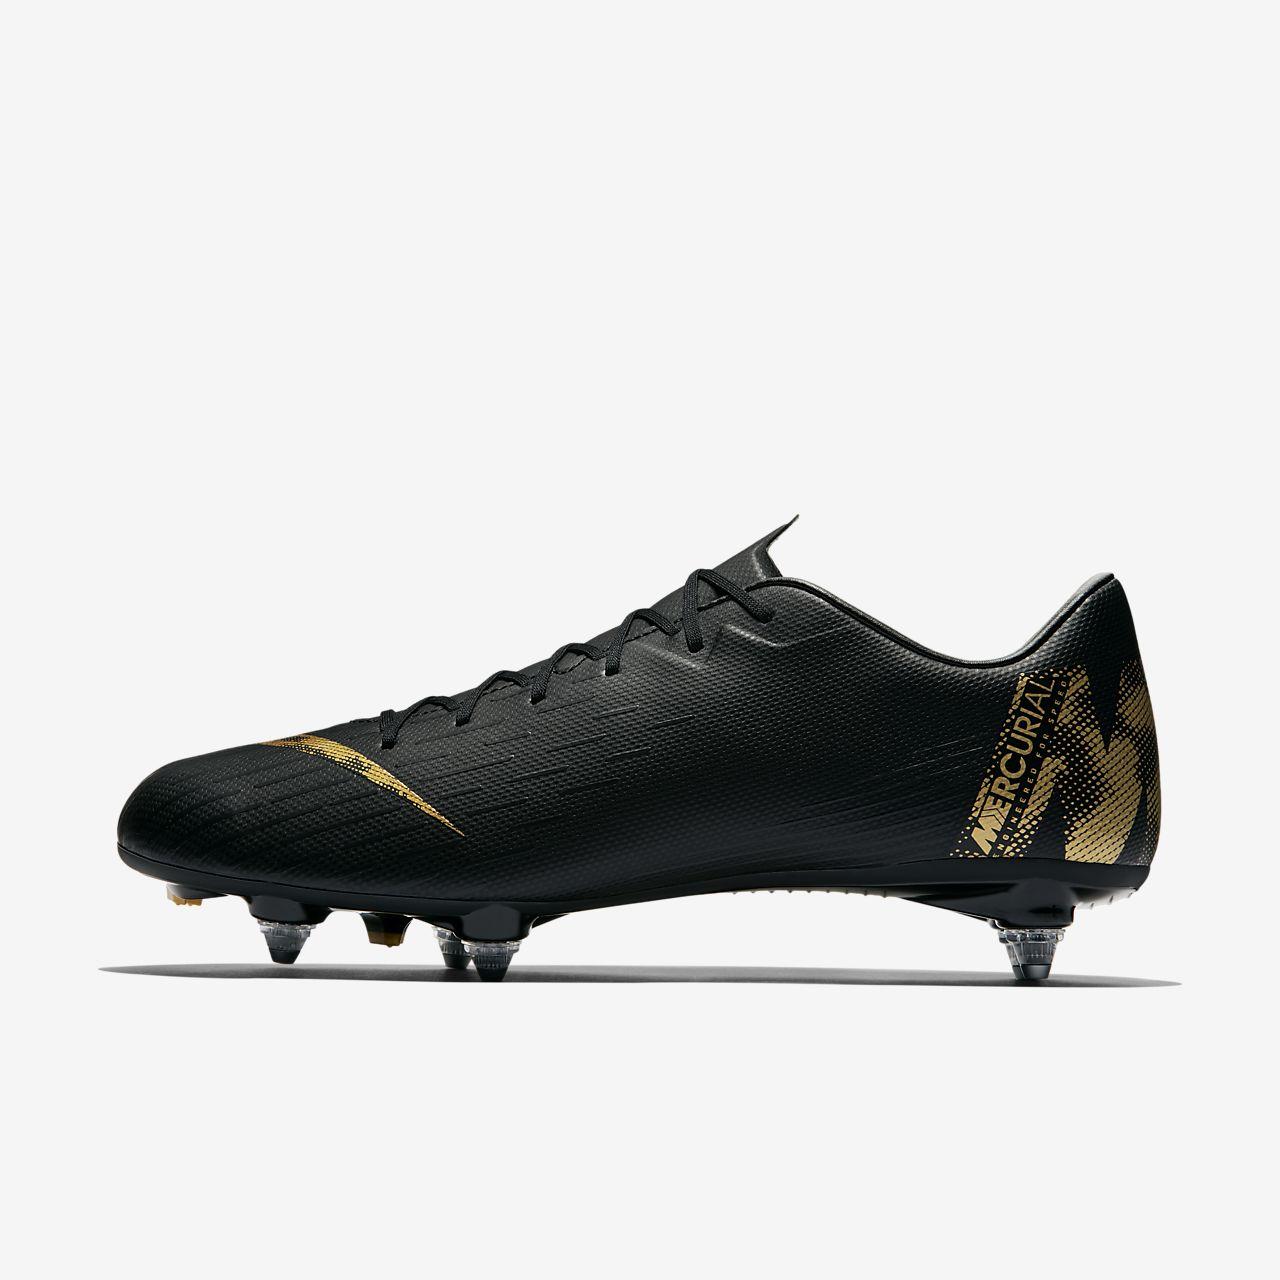 Nike Mercurial Vapor XII Academy SG-PRO Fußballschuh für weichen Rasen